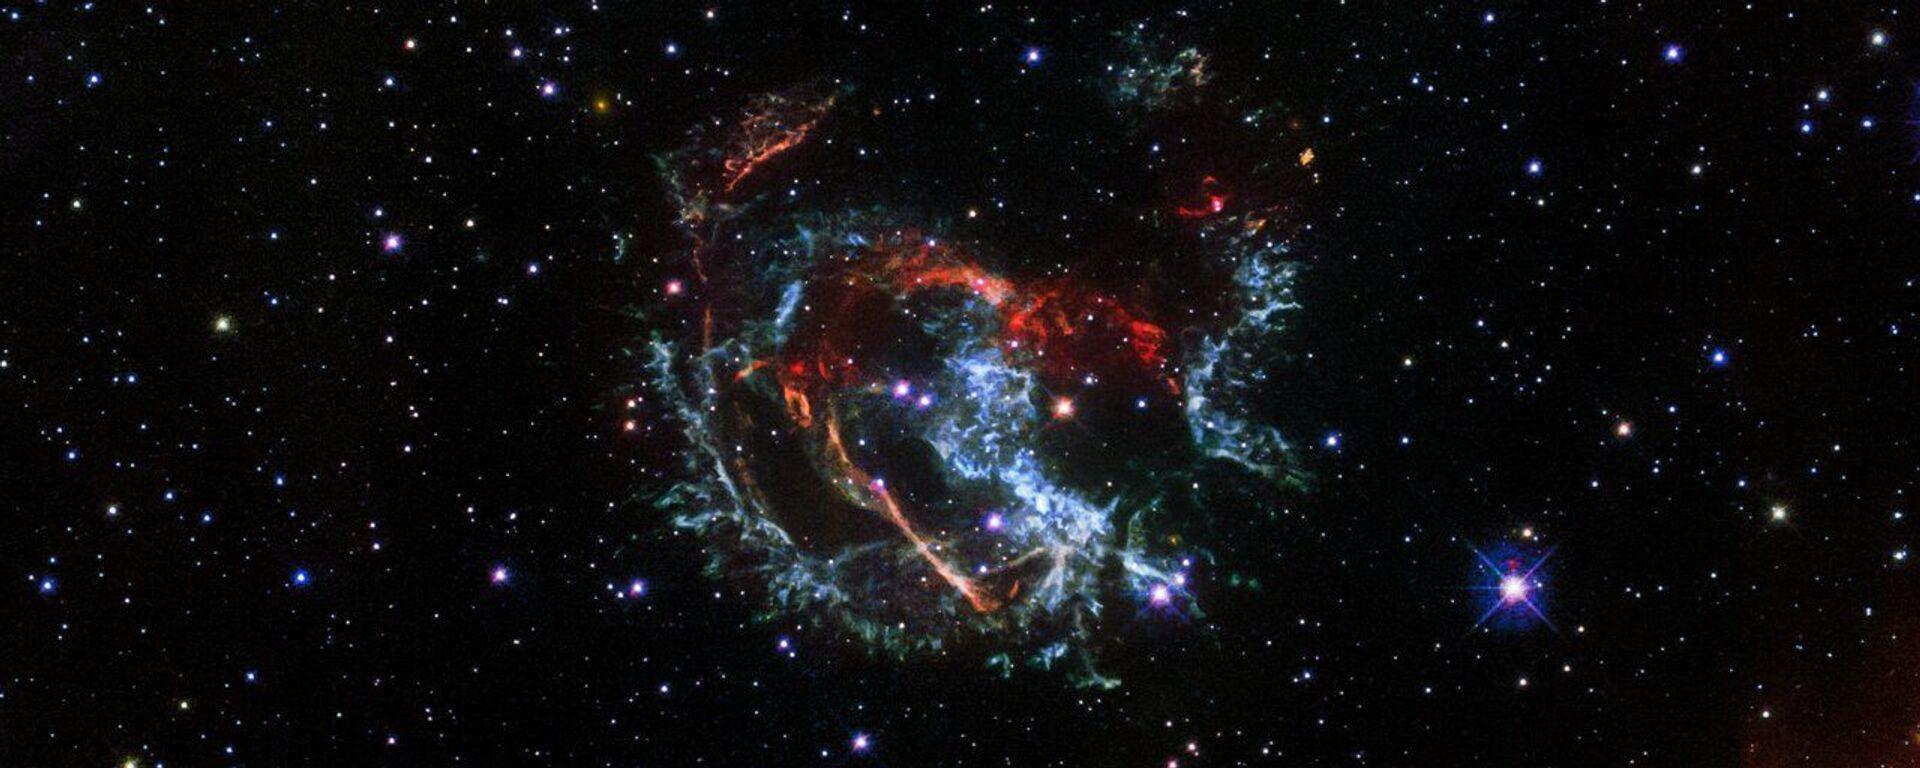 Una foto della supernova 1E 0102.2-7219, fatta con il telescopio spaziale Hubble  - Sputnik Italia, 1920, 04.09.2021